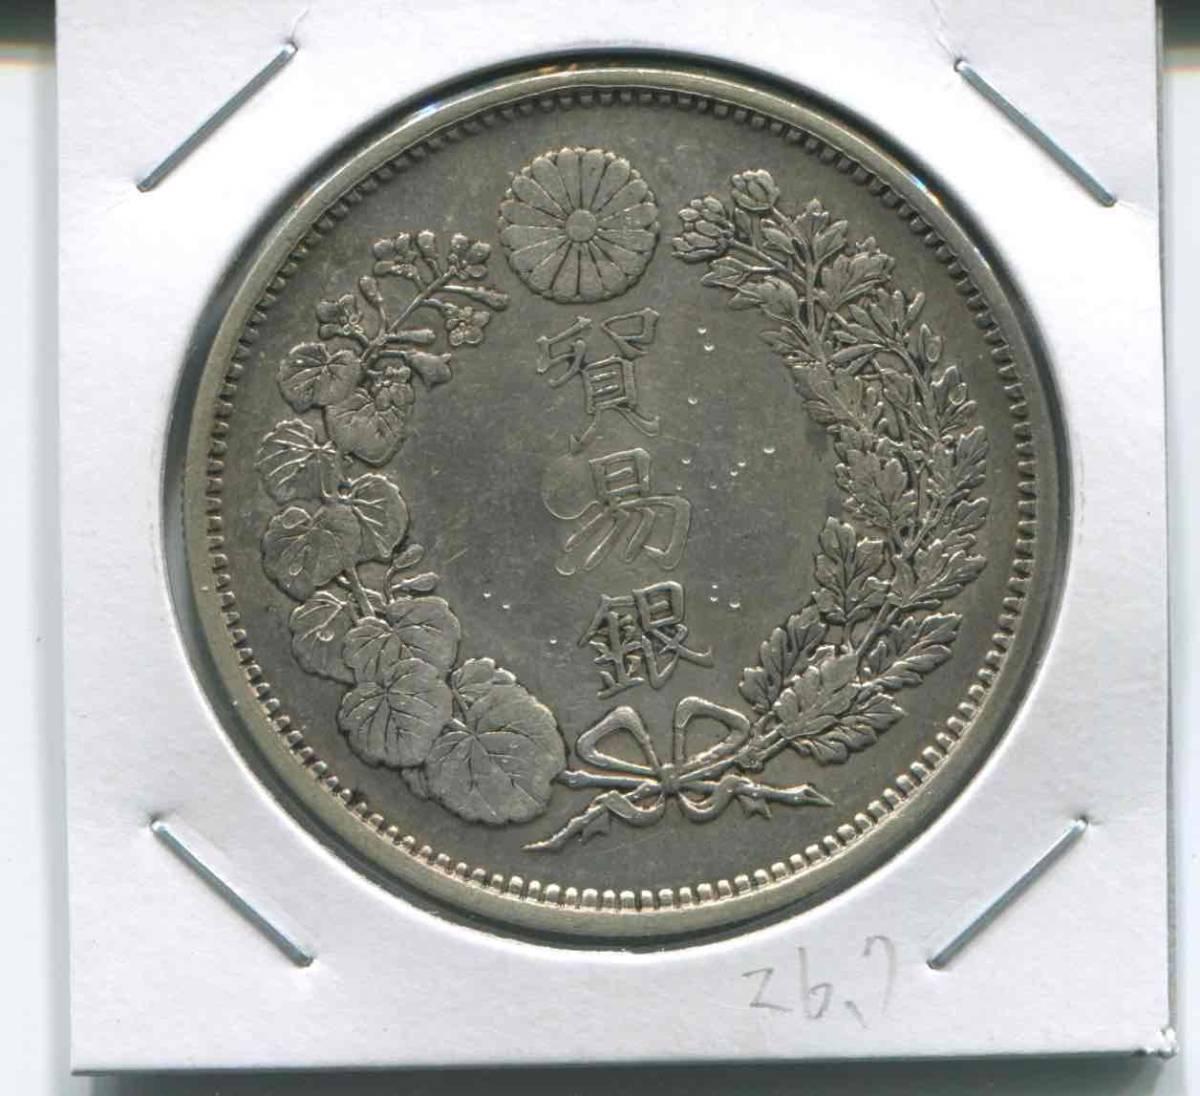 1円スタート 明治8年 一円 貿易銀